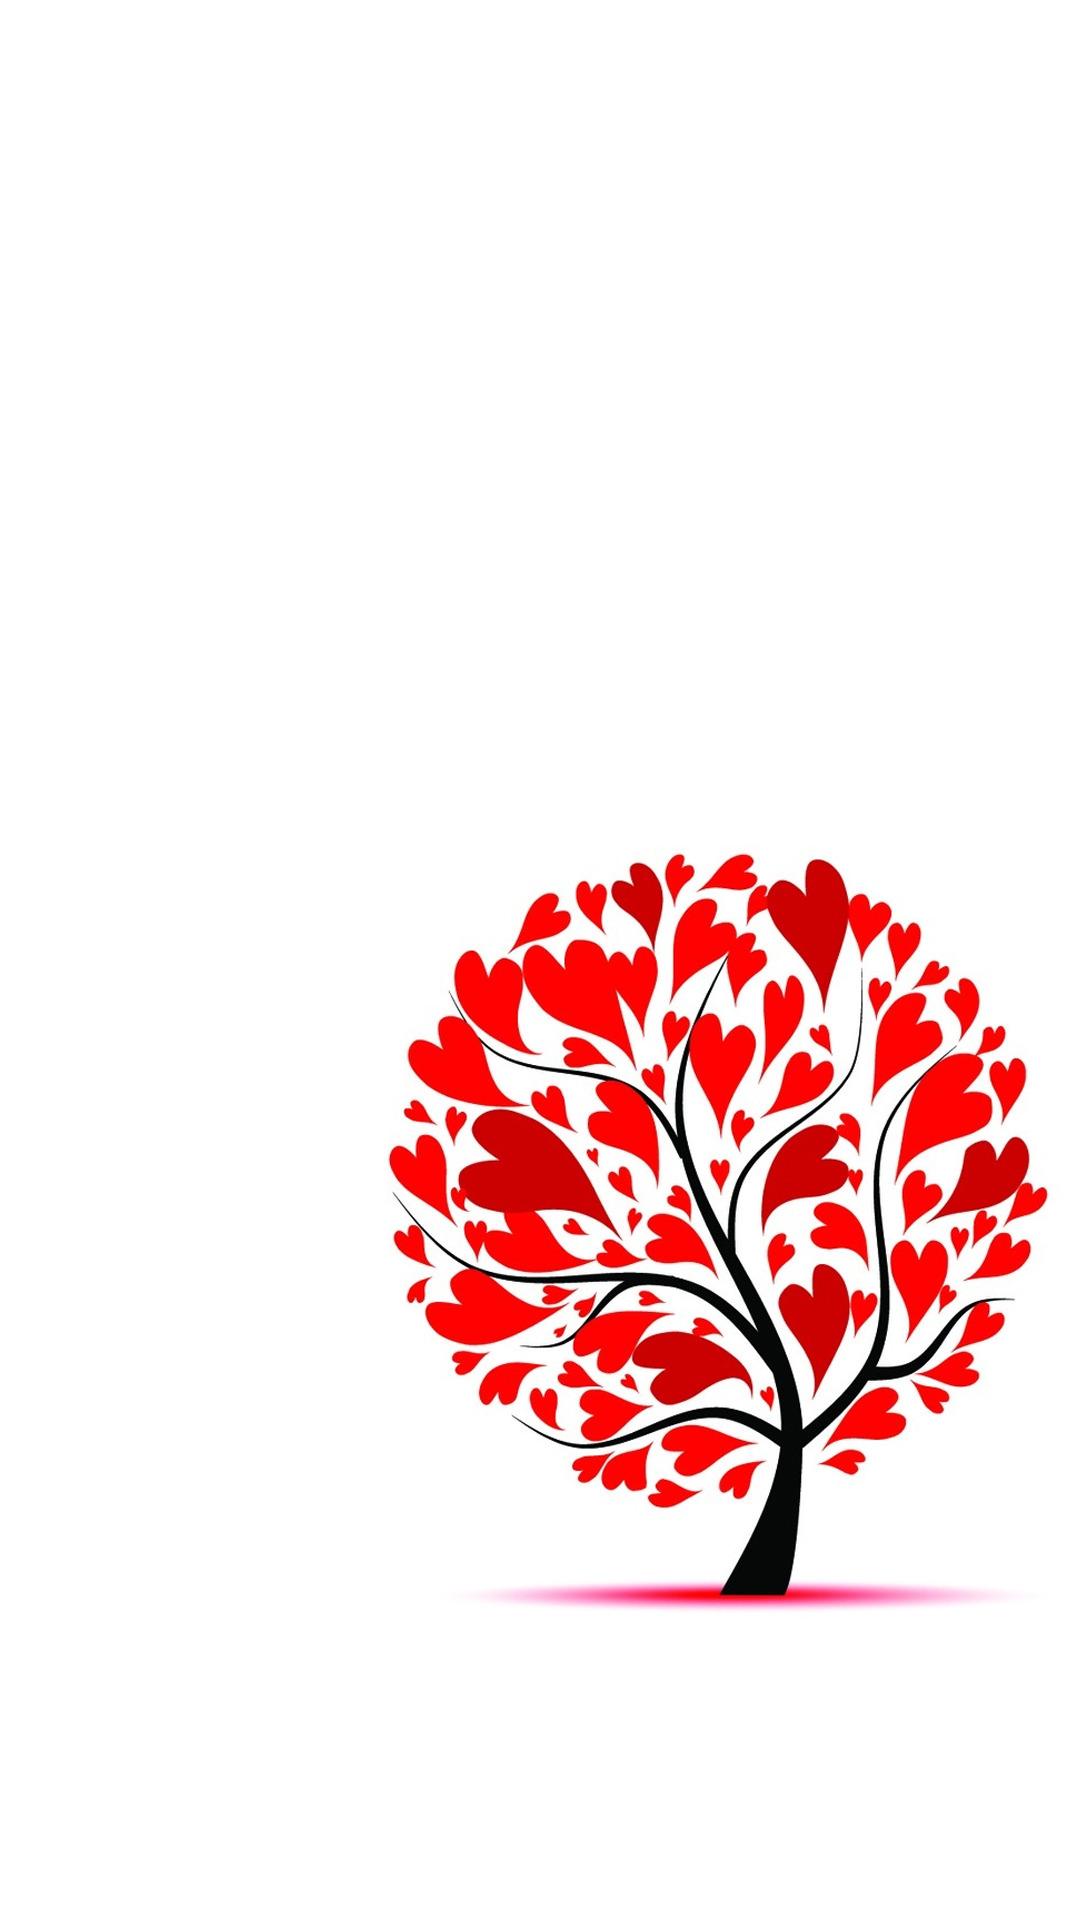 ハートの木 おしゃれなハートのiphone壁紙 Iphone Wallpapers